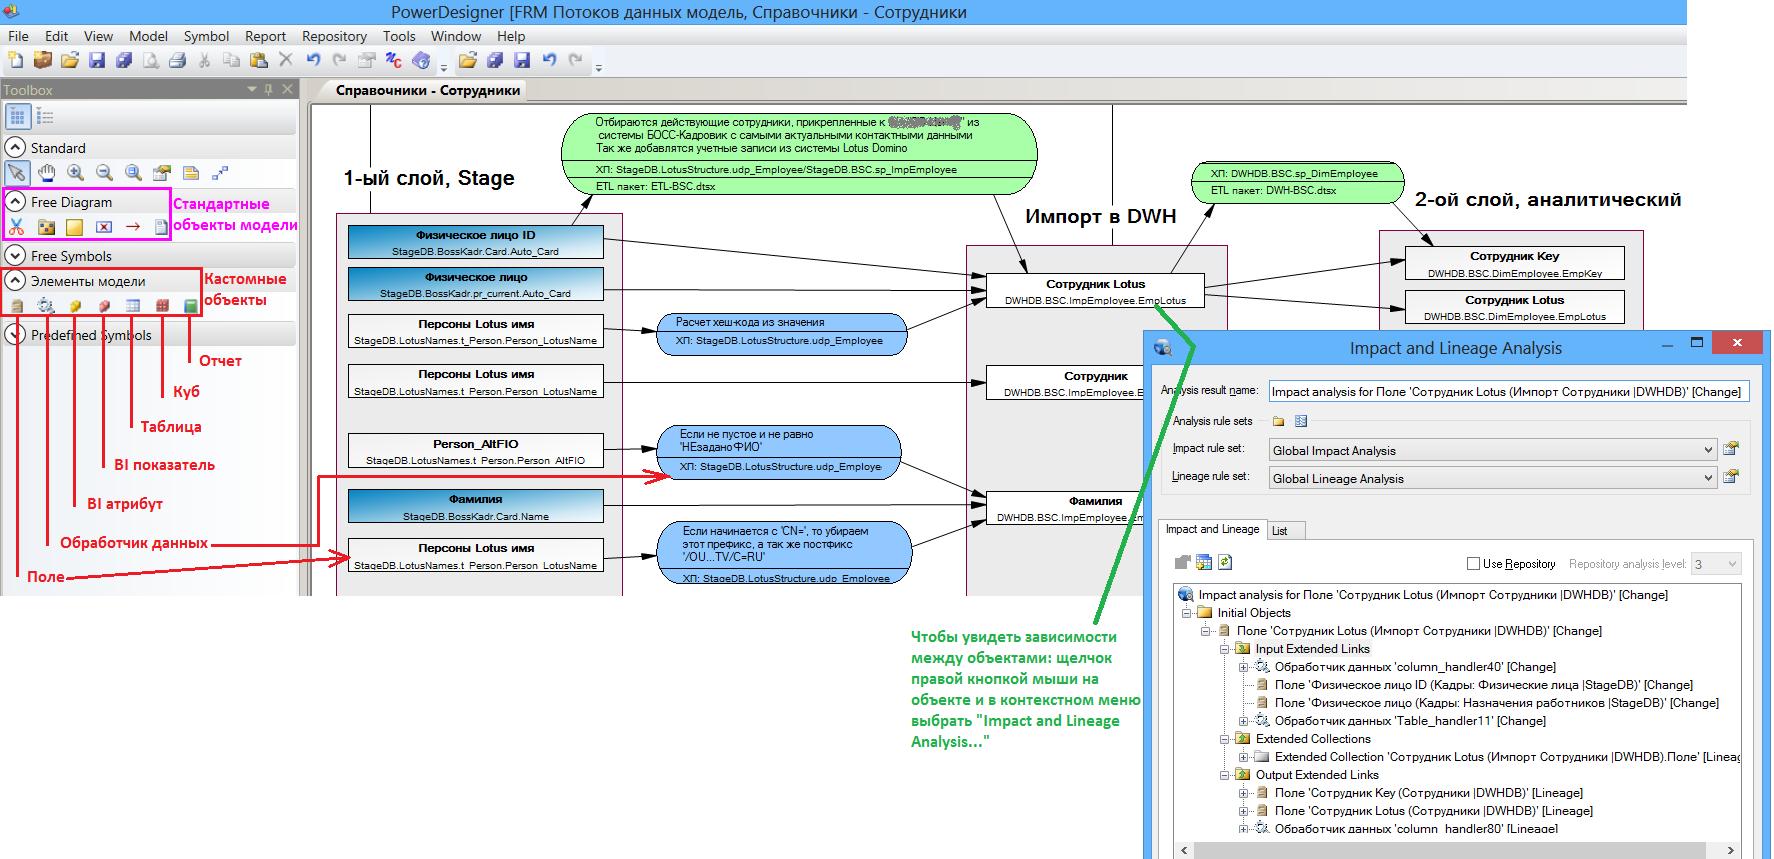 Кастомизированные элементы FEM-модели и анализ влияний и зависимостей в SAP PowerDesigner